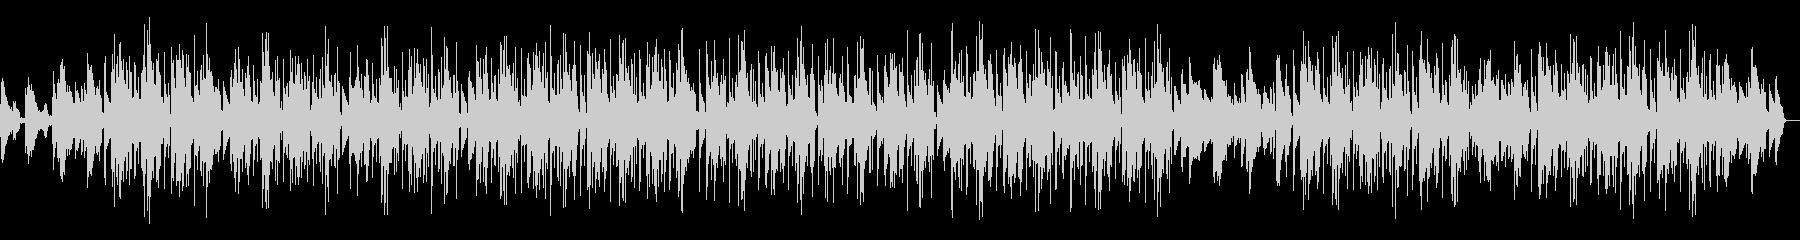 バックグラウンドミュージックの未再生の波形